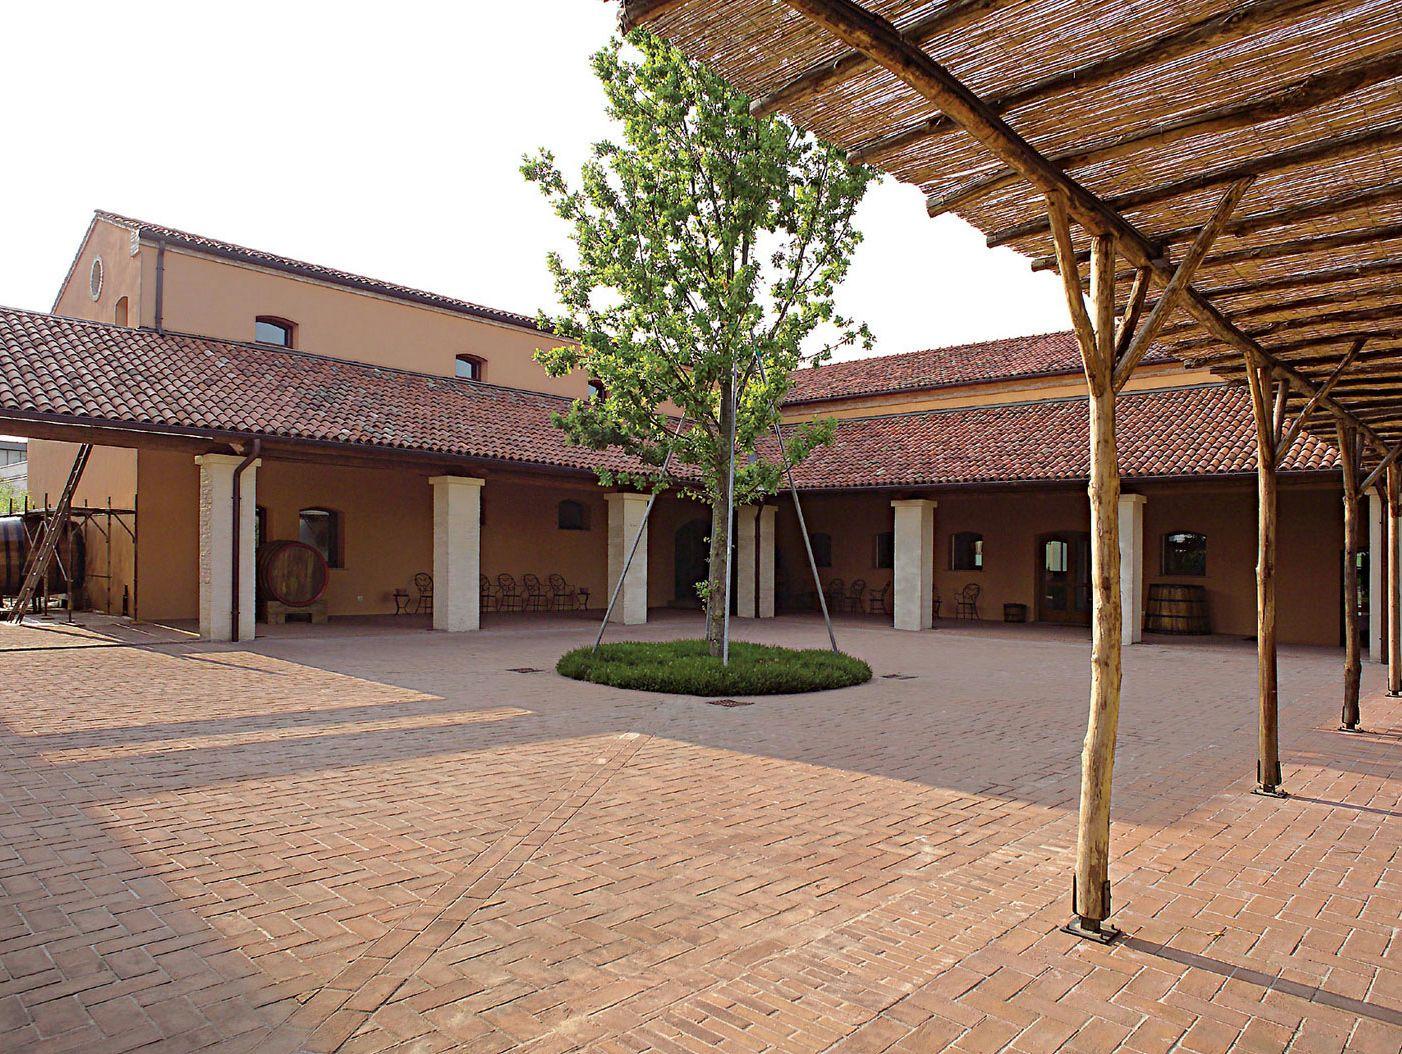 Pavimento per esterni in cotto mattoni per pavimenti by fornace s anselmo - Pavimento in cotto per esterno ...